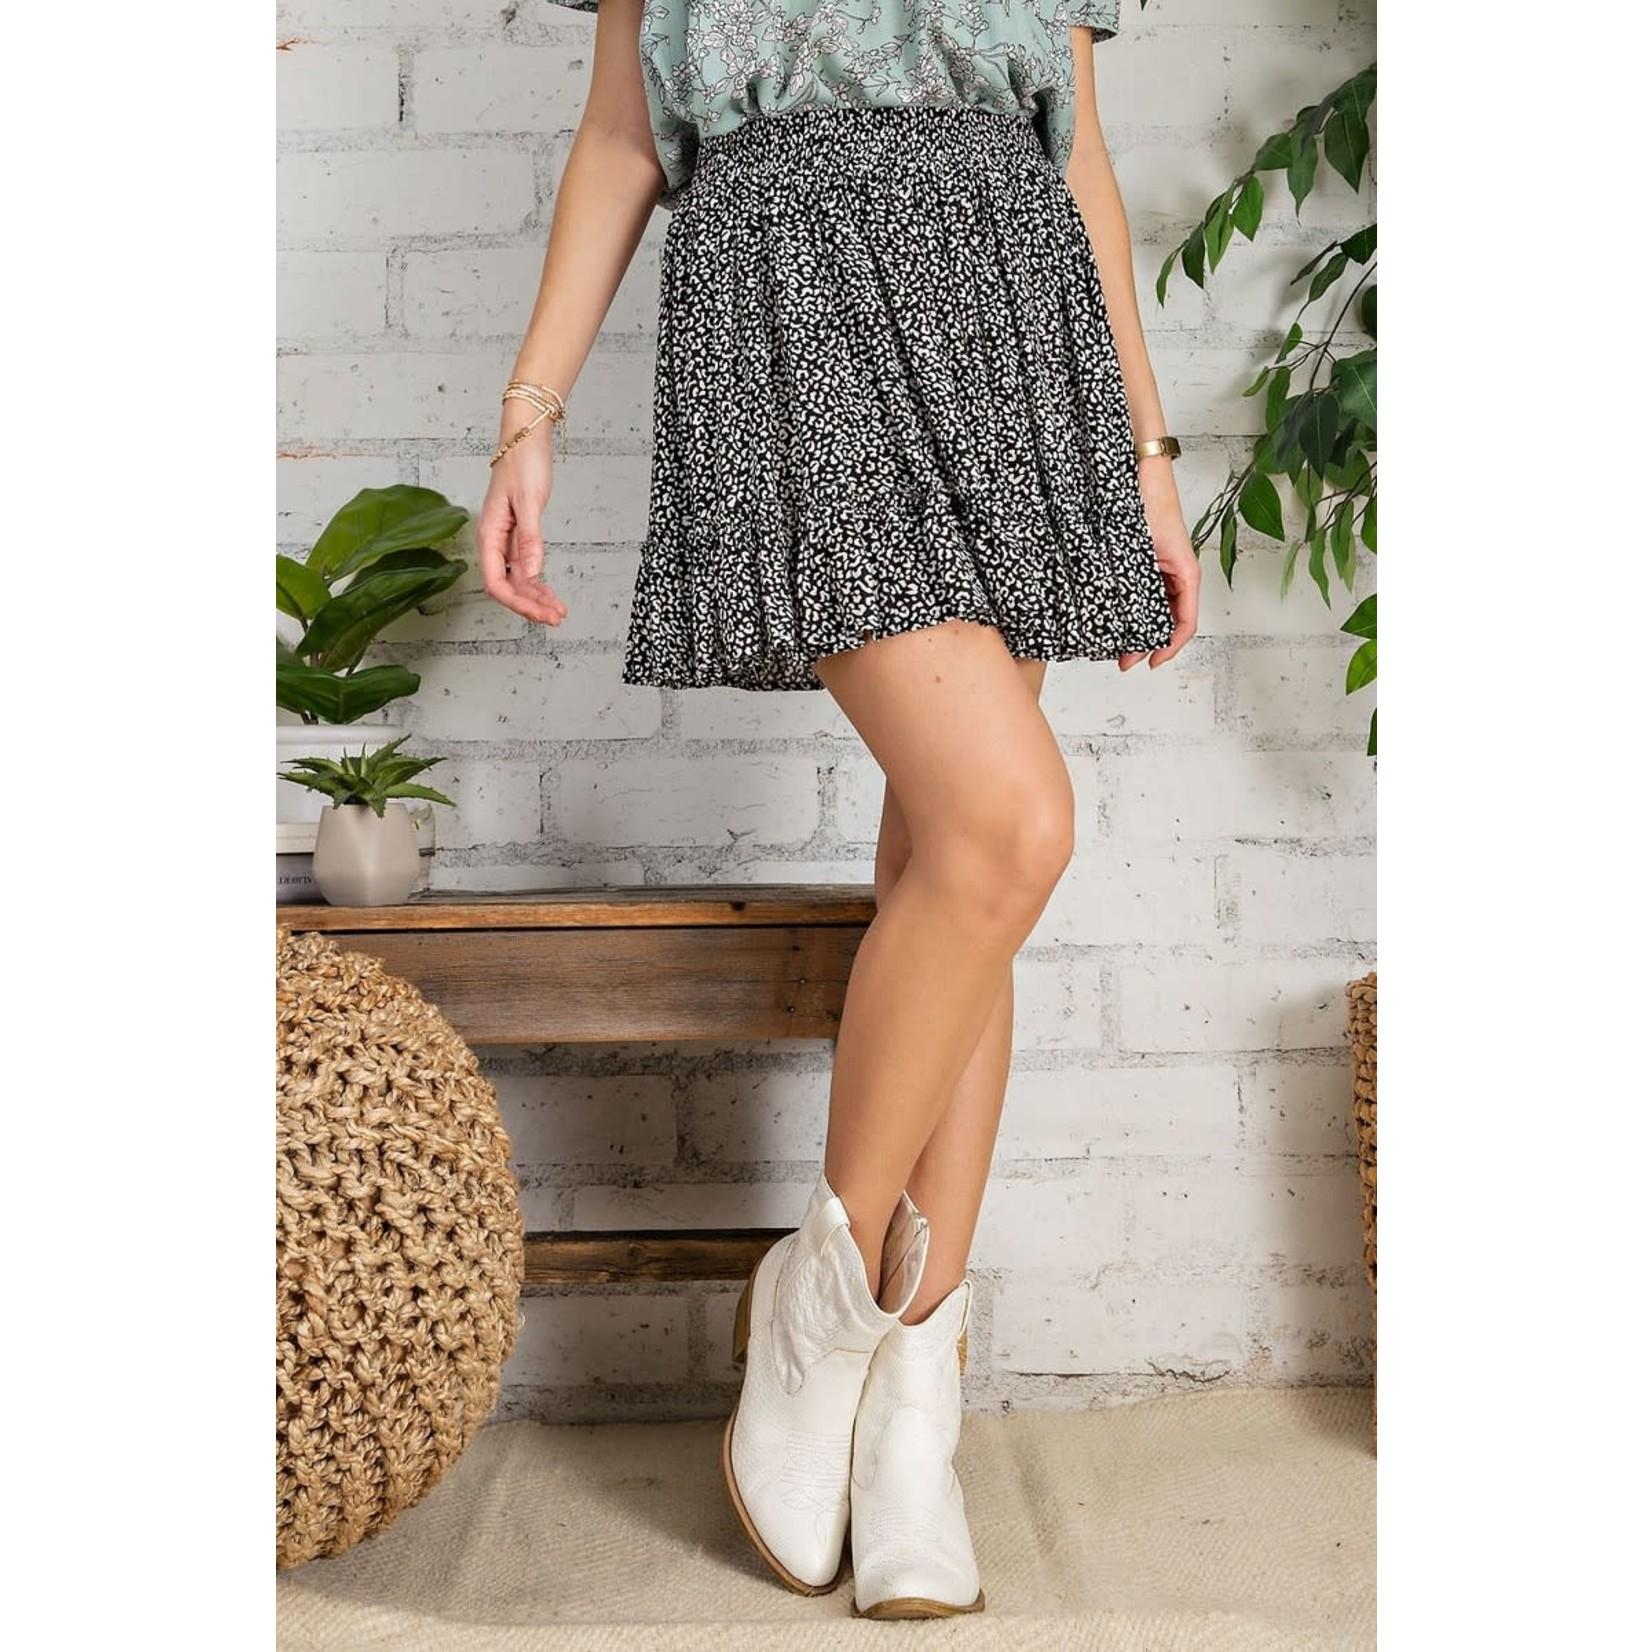 Easel Bottom: Black Printed Ruffle Skirt